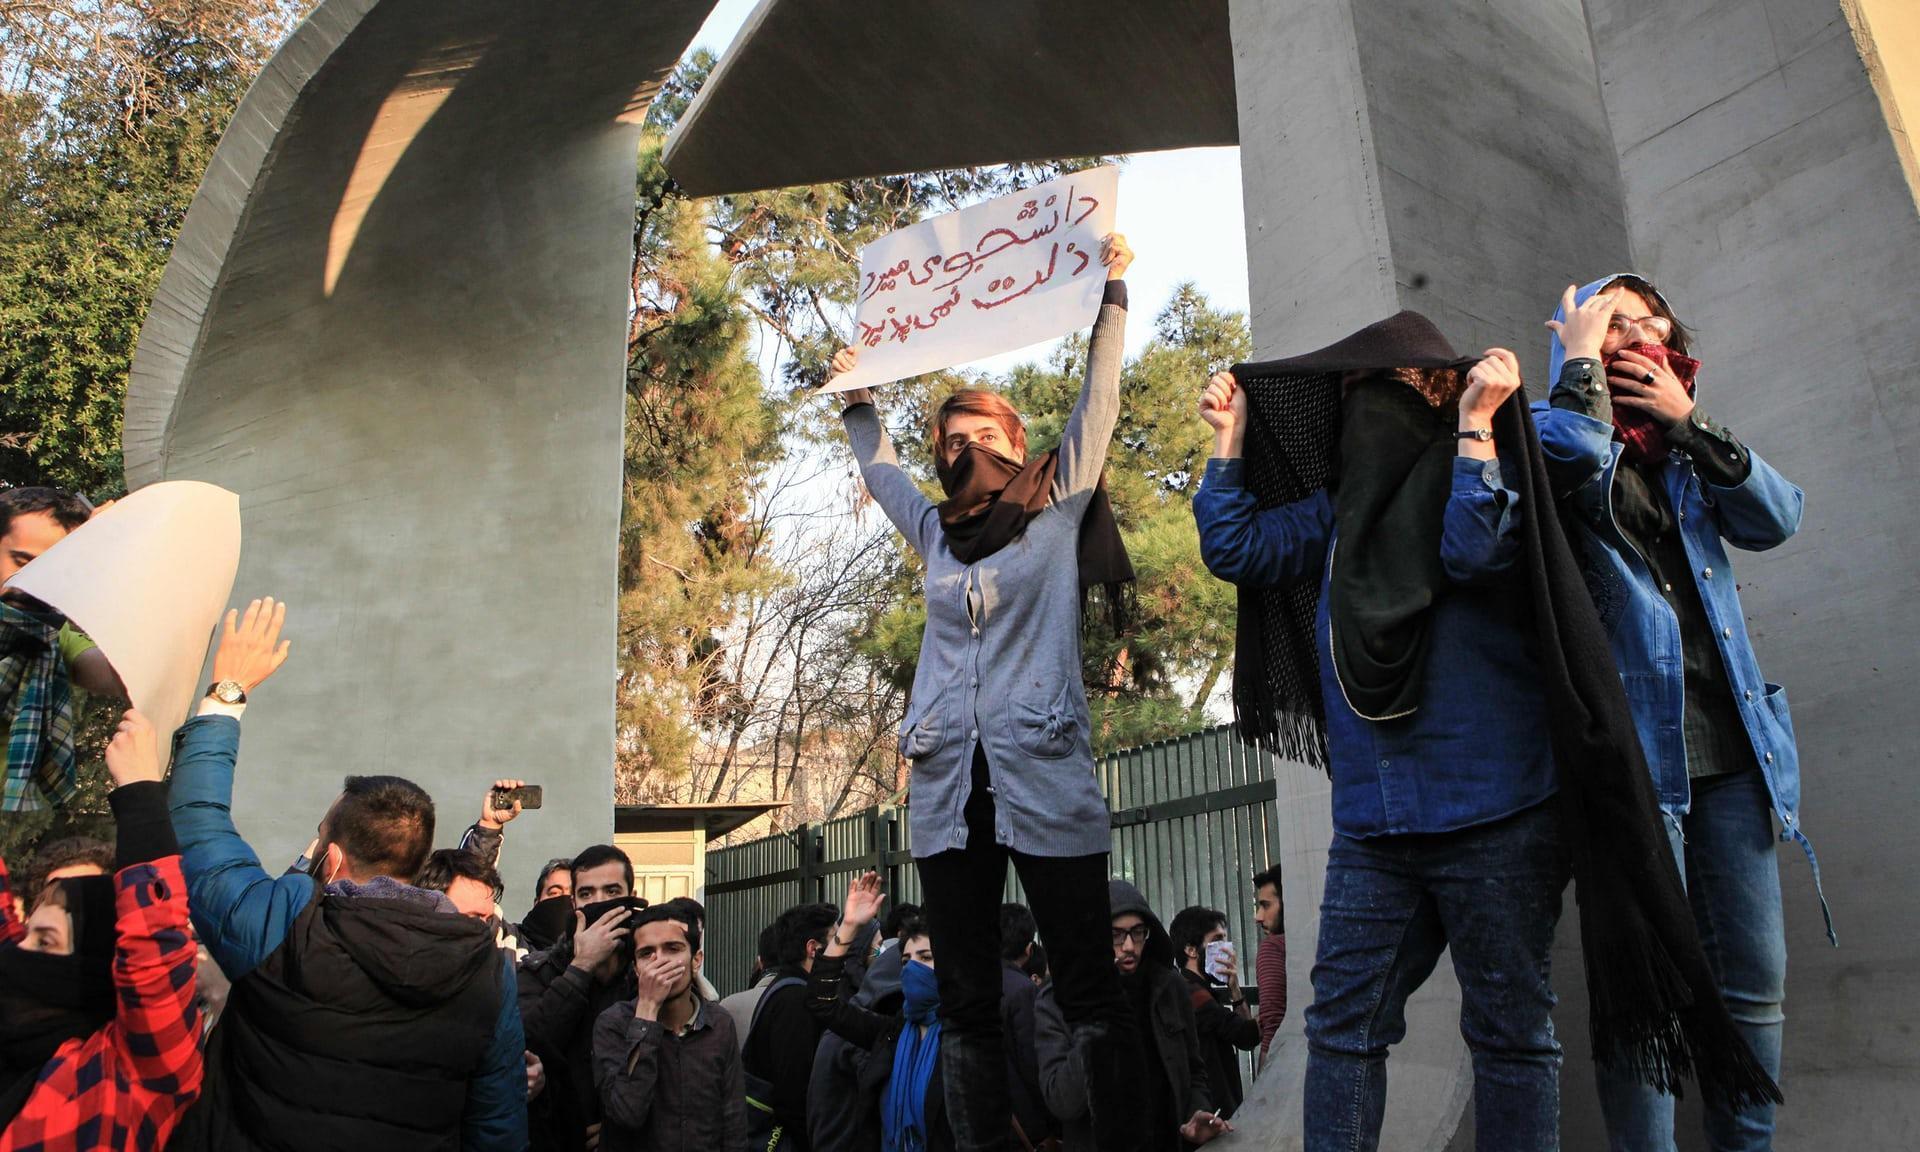 內部出裂痕,伊朗新聲音:和以色列和平相處-圖5